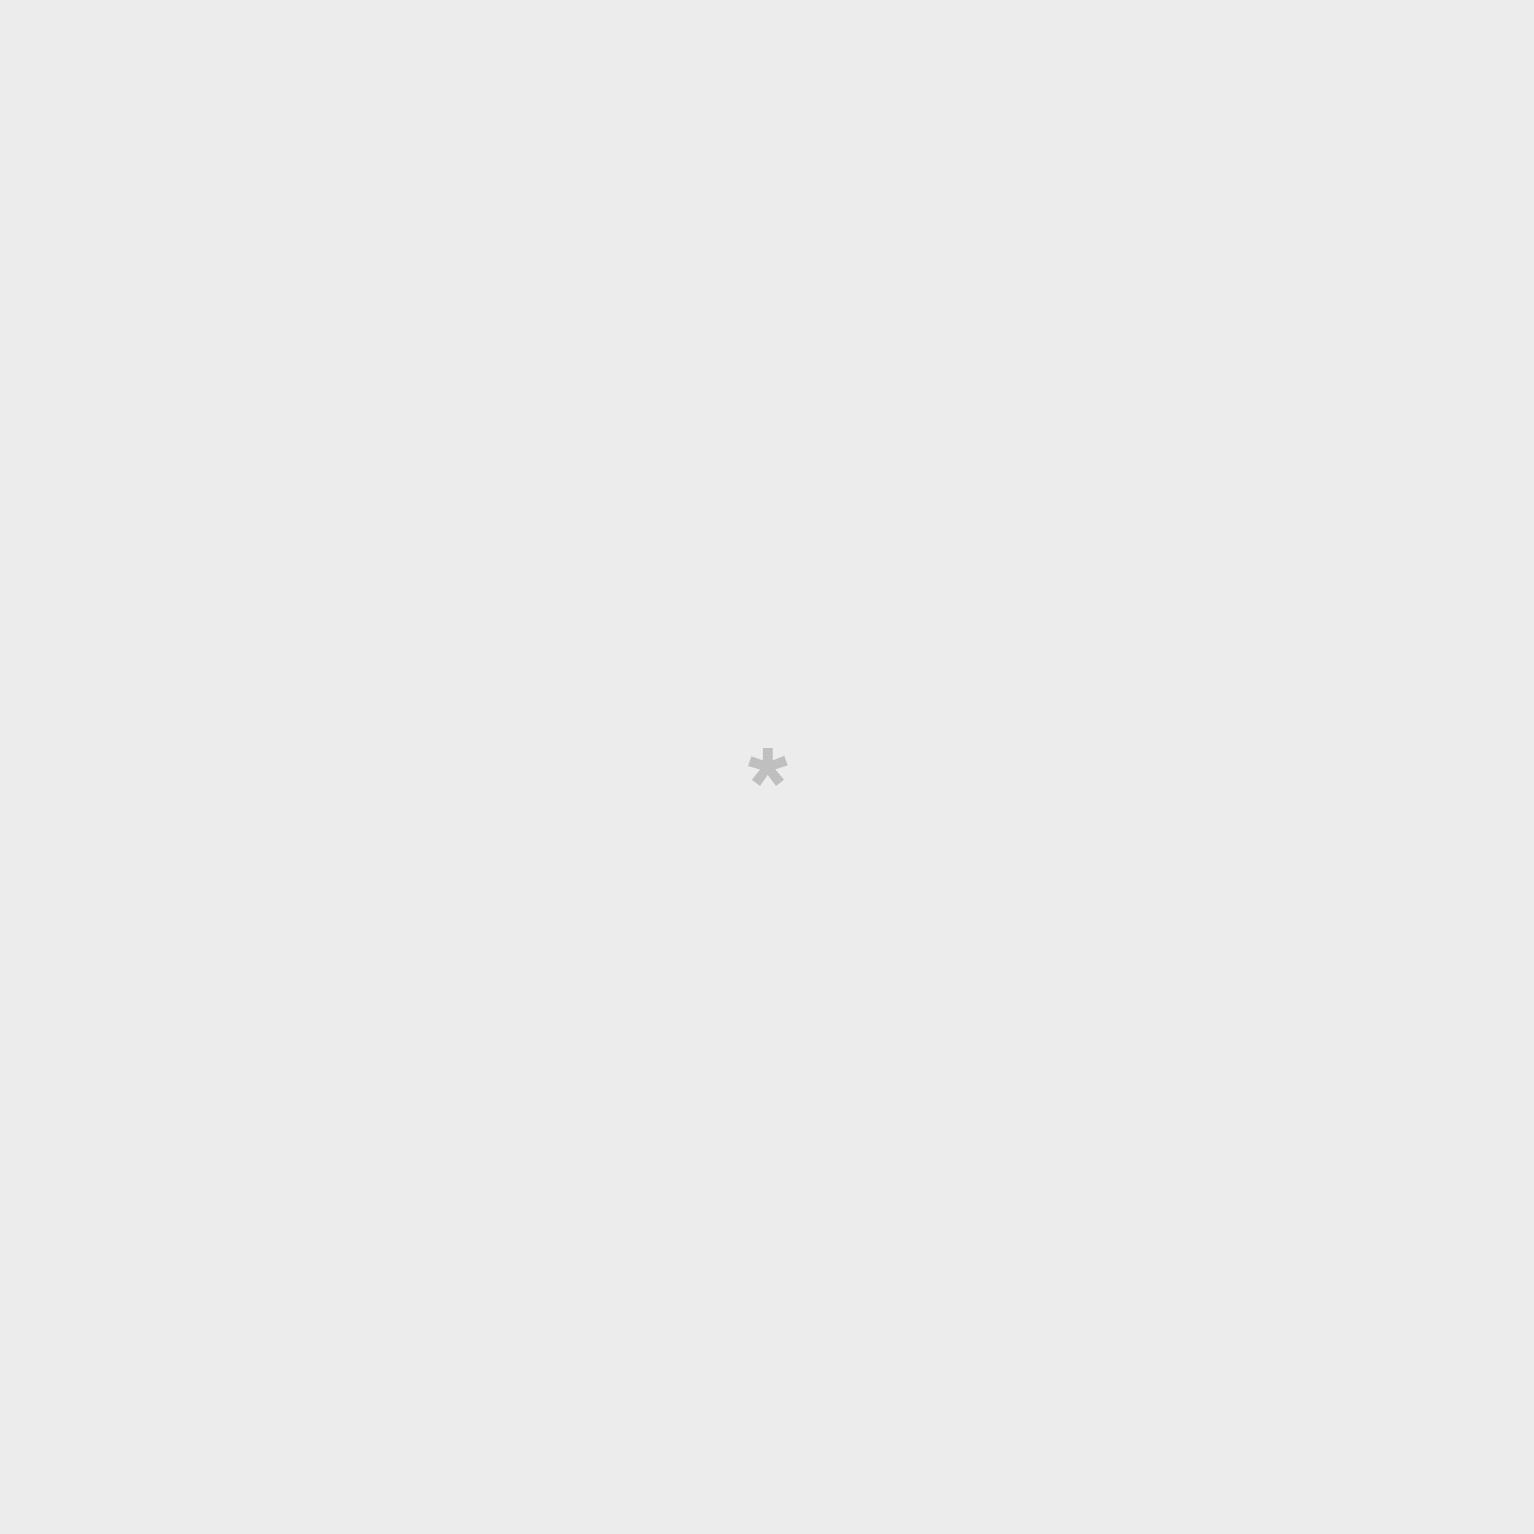 Juego de cartas - ¡Qué bien me conoces, amiga!